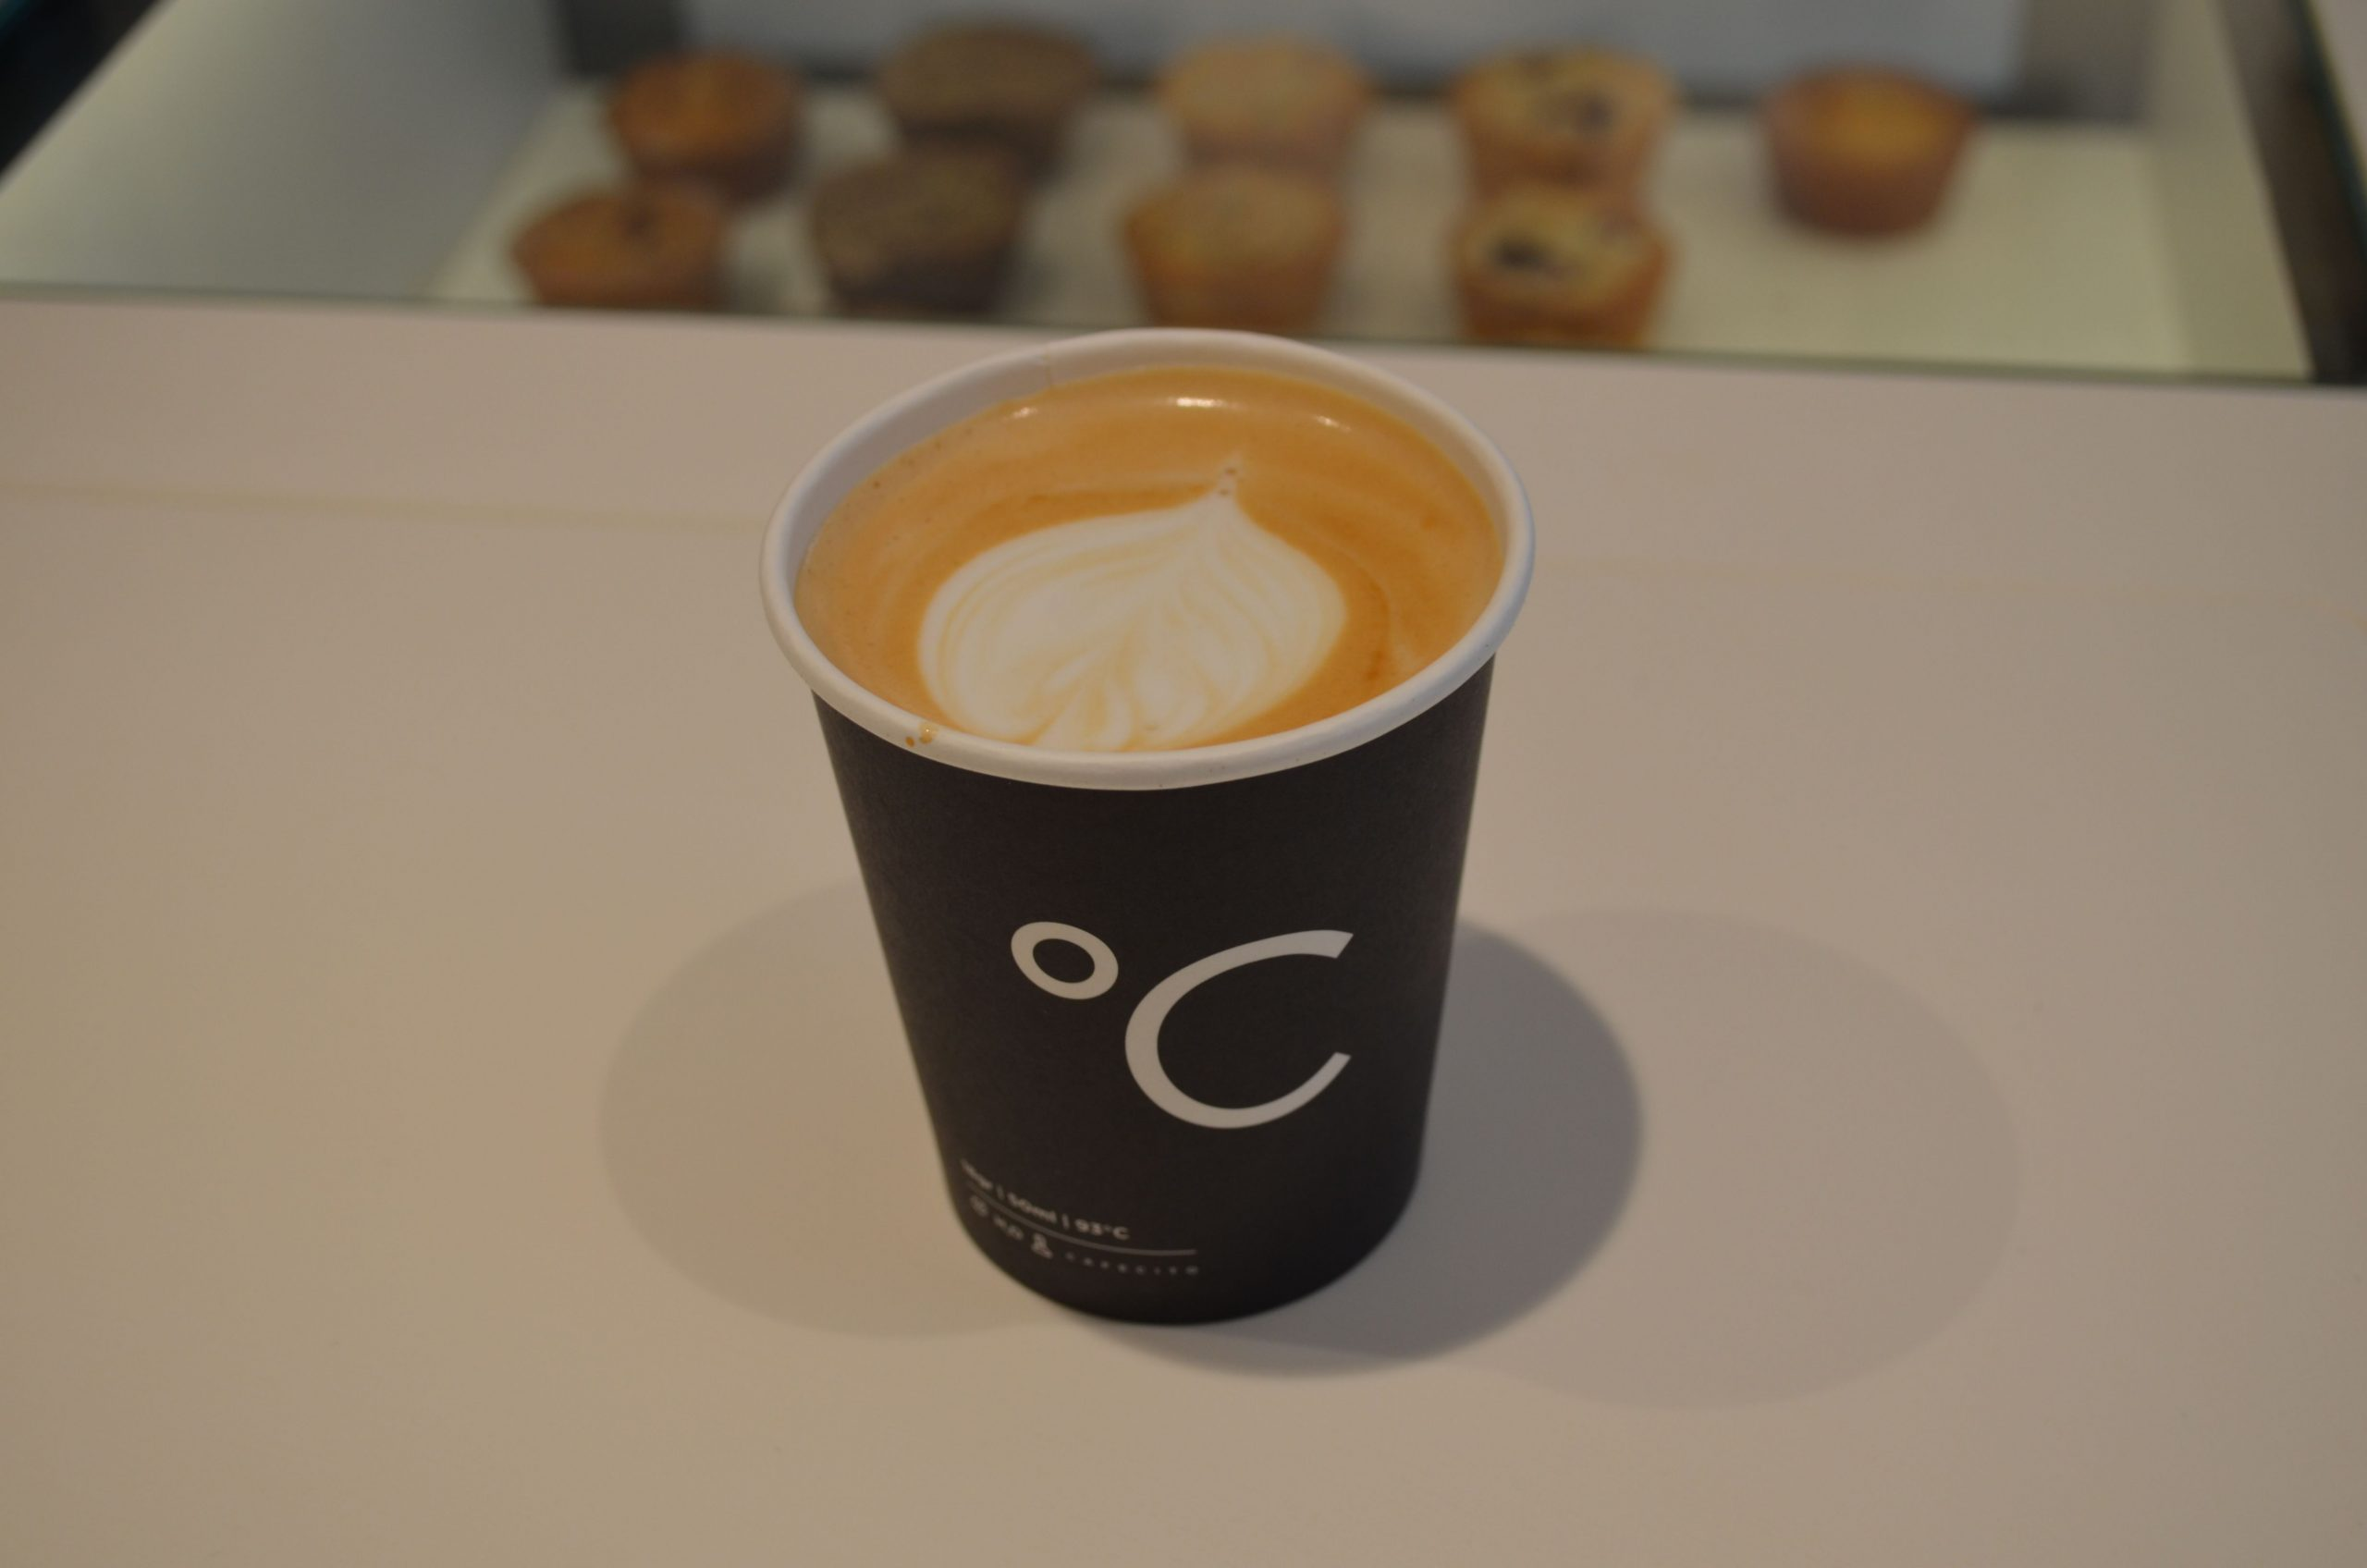 Koffiebar Amsterdam, verse koffie beker